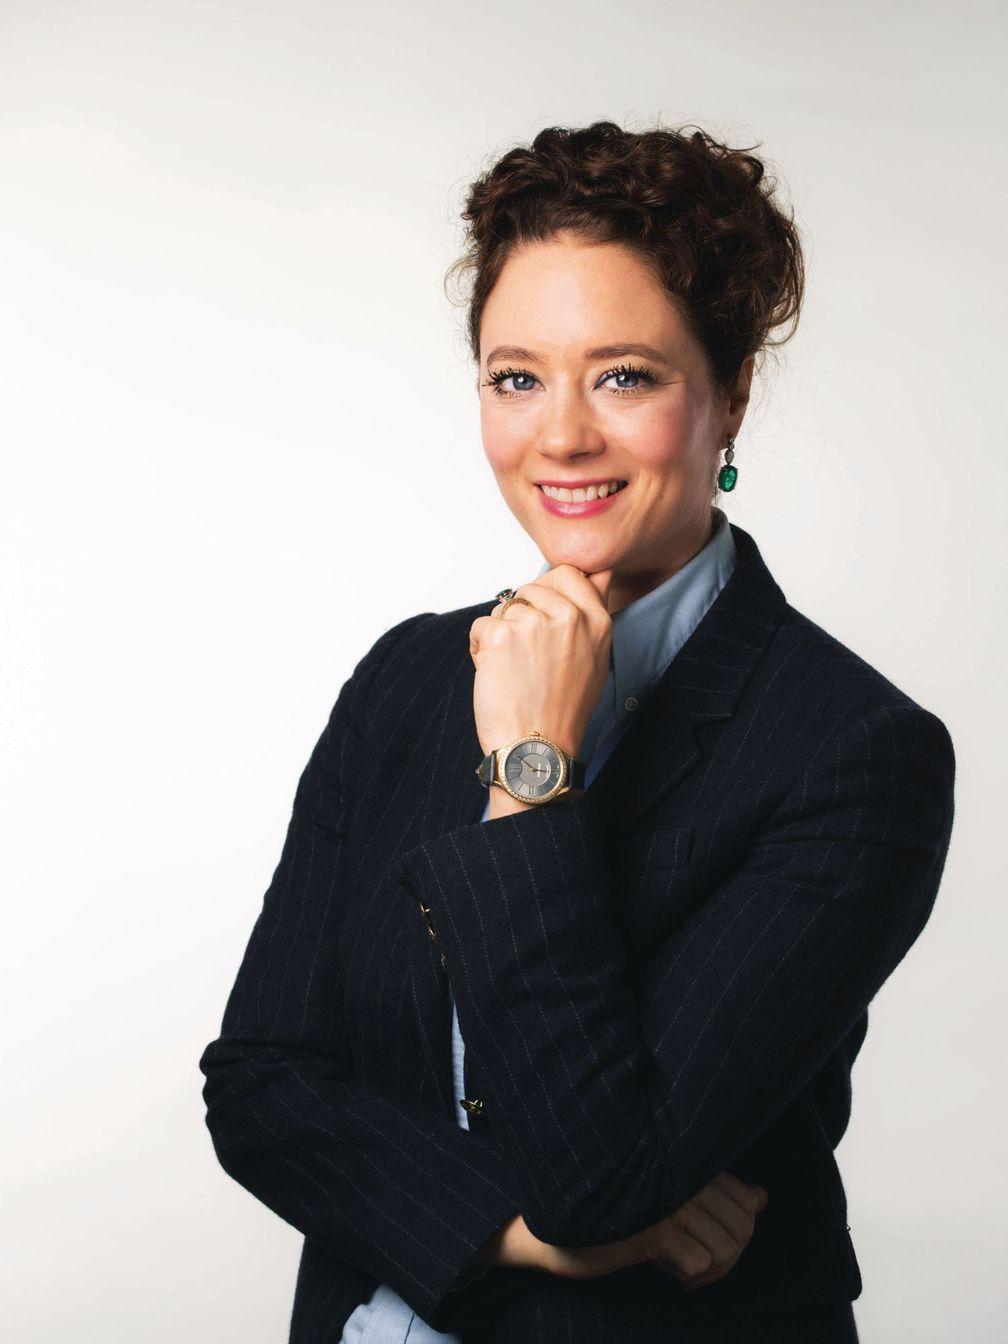 Джозина фон дем Буше-Кессель, директор по глобальным продажам компании Fabergé